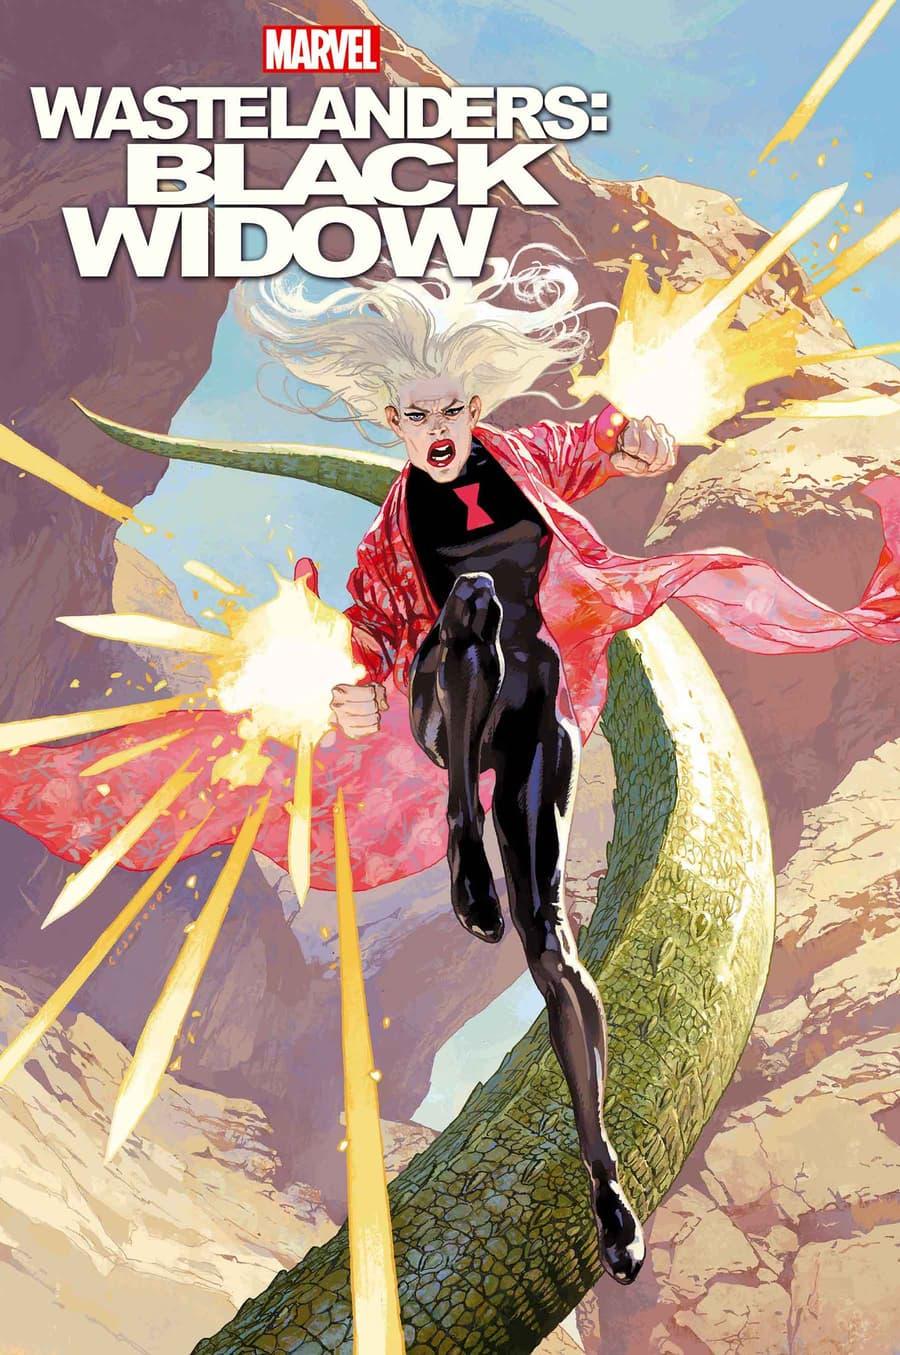 WASTELANDERS: BLACK WIDOW #1 cover by Josemaria Casanovas